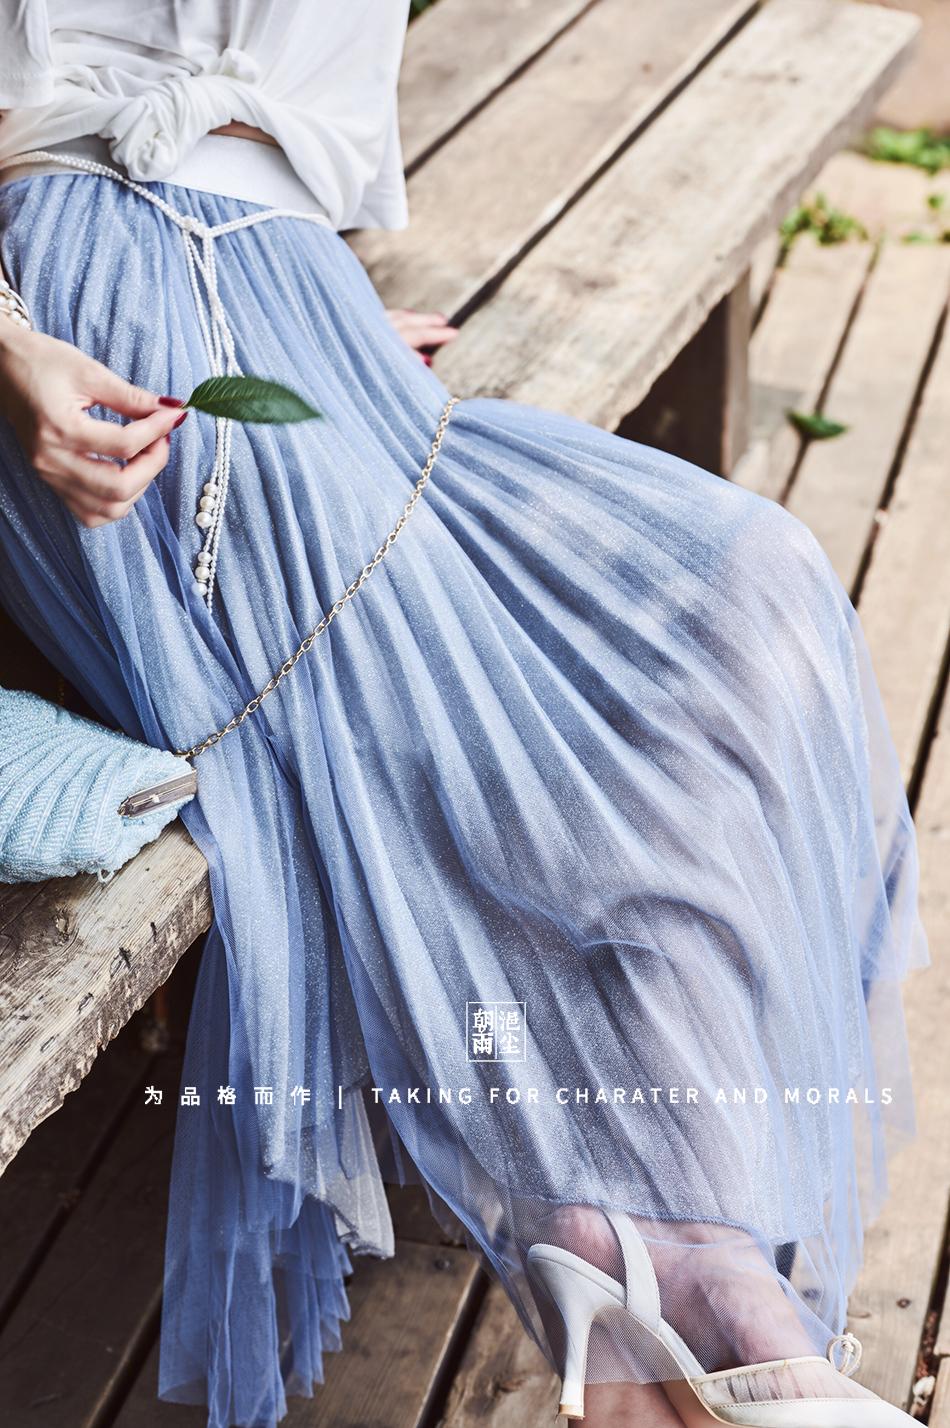 女装摄影-优雅清新套装系列7